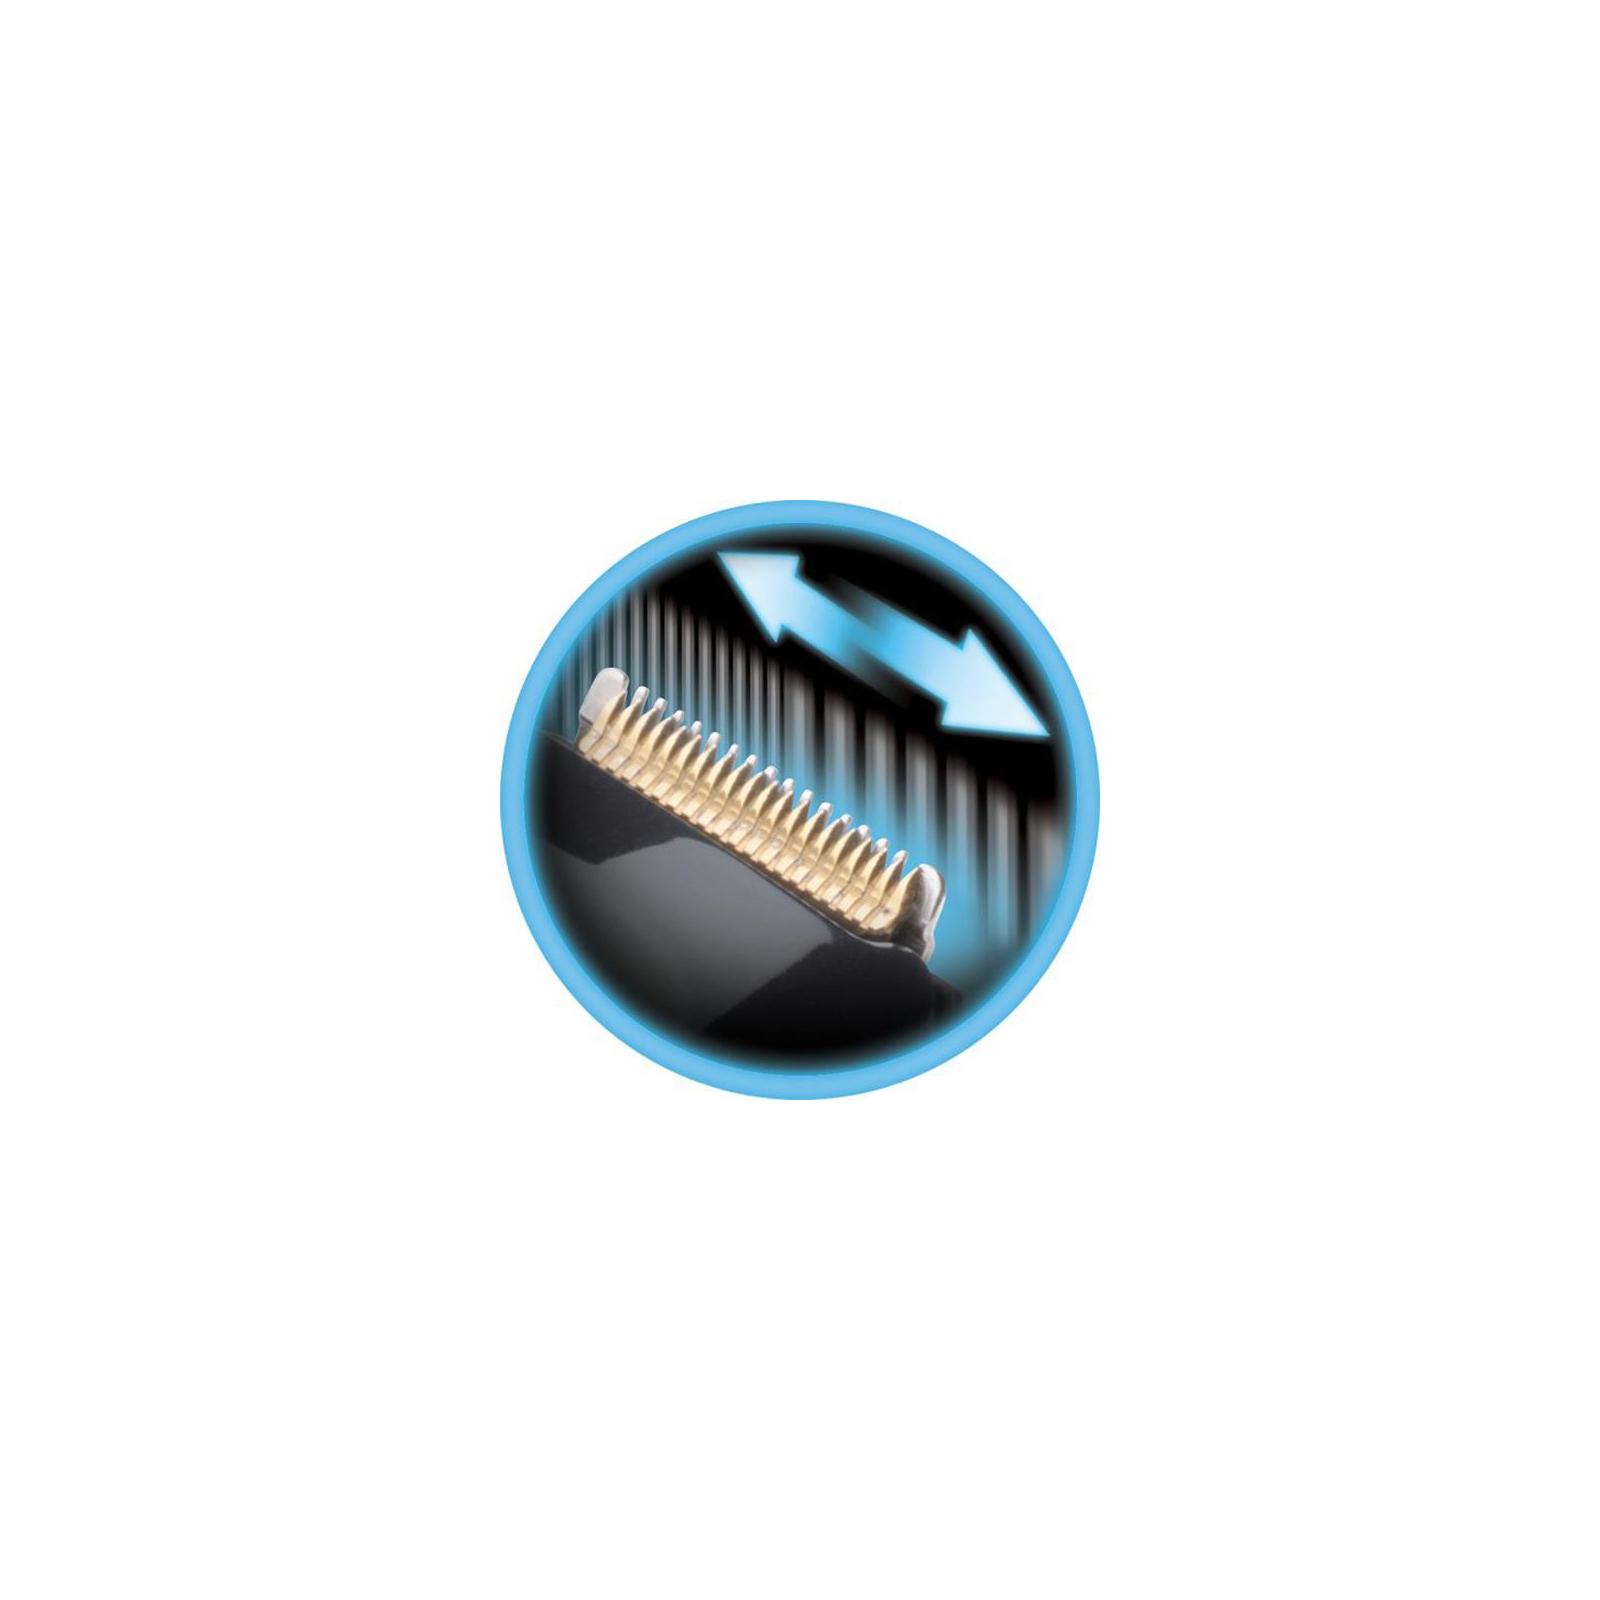 Триммер Remington TouchTech (MB4700) изображение 5